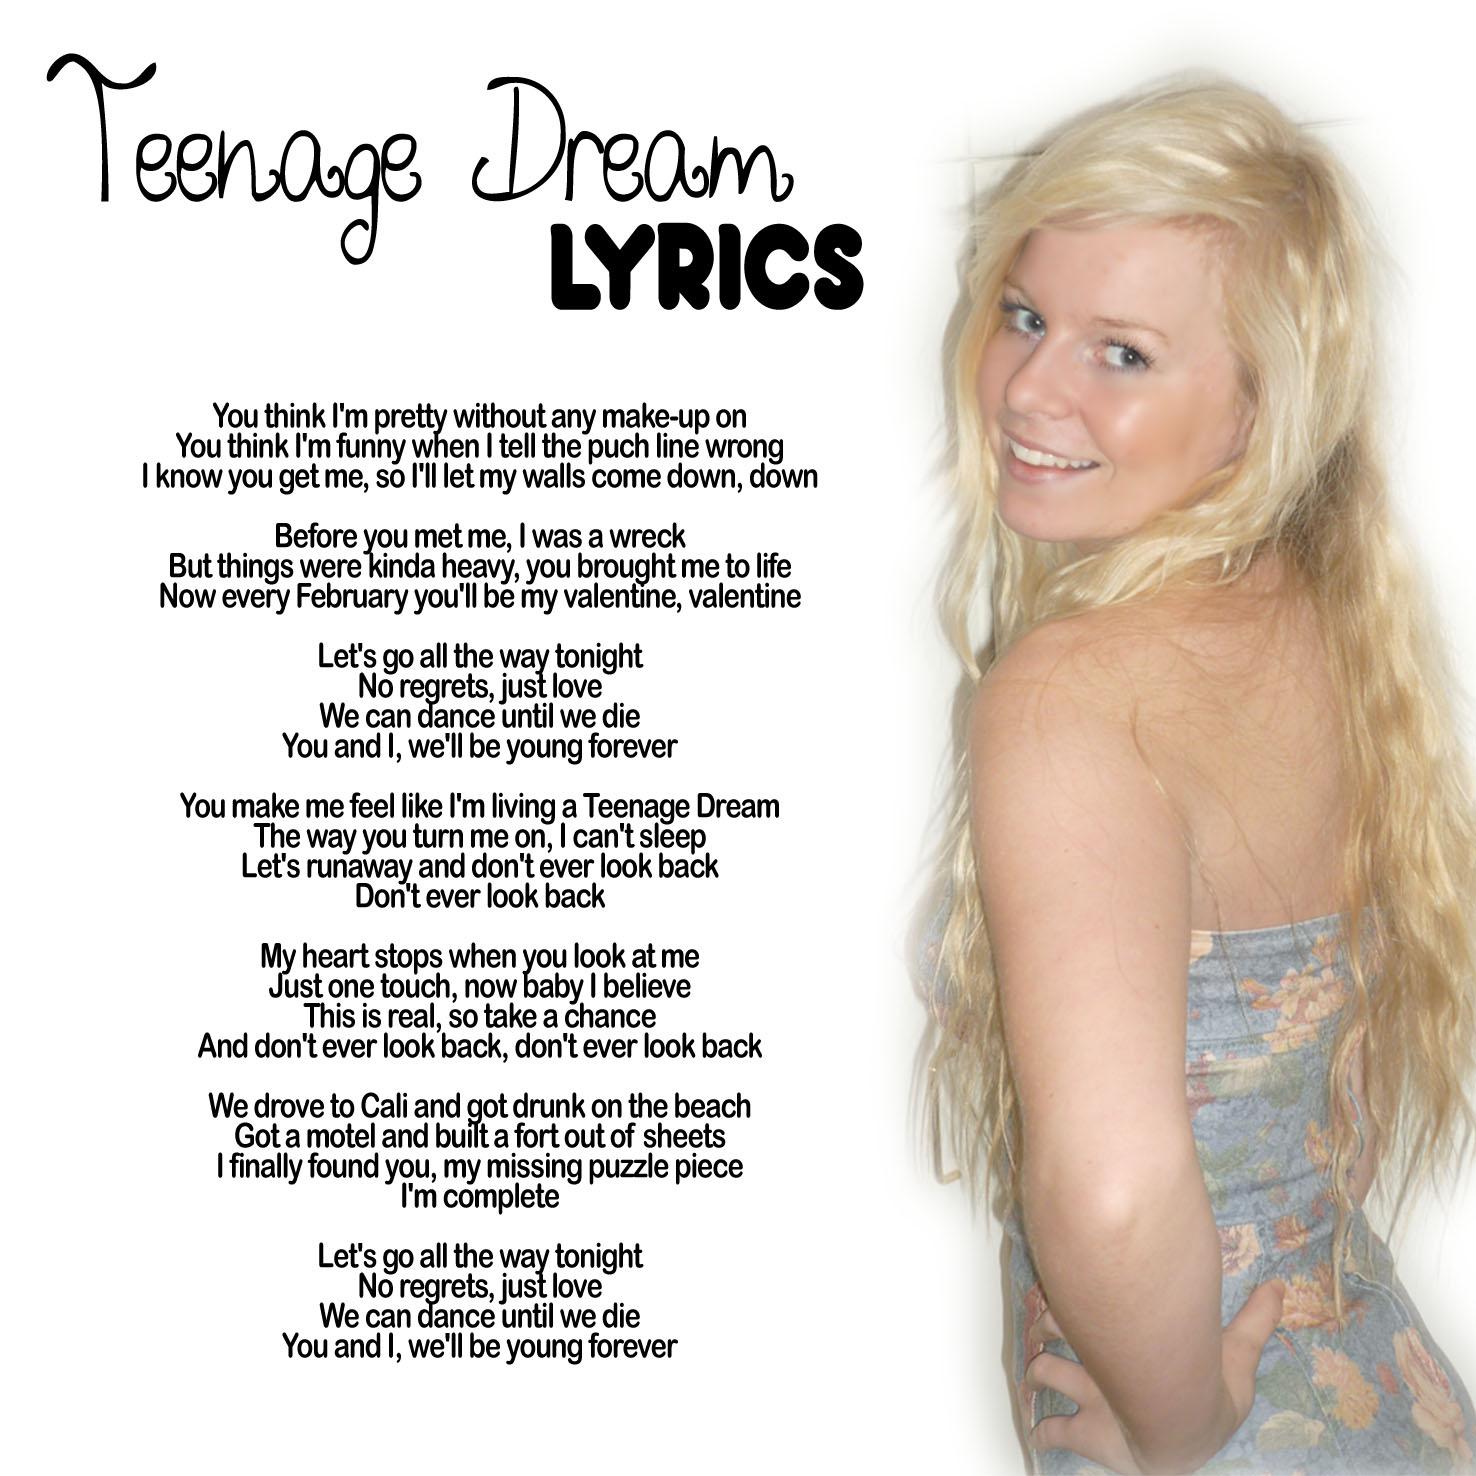 http://2.bp.blogspot.com/_uWTpDRq3DXI/TSRldL0VvzI/AAAAAAAAAAU/44M4FutCw9U/s1600/Inside+lyrics1.jpg